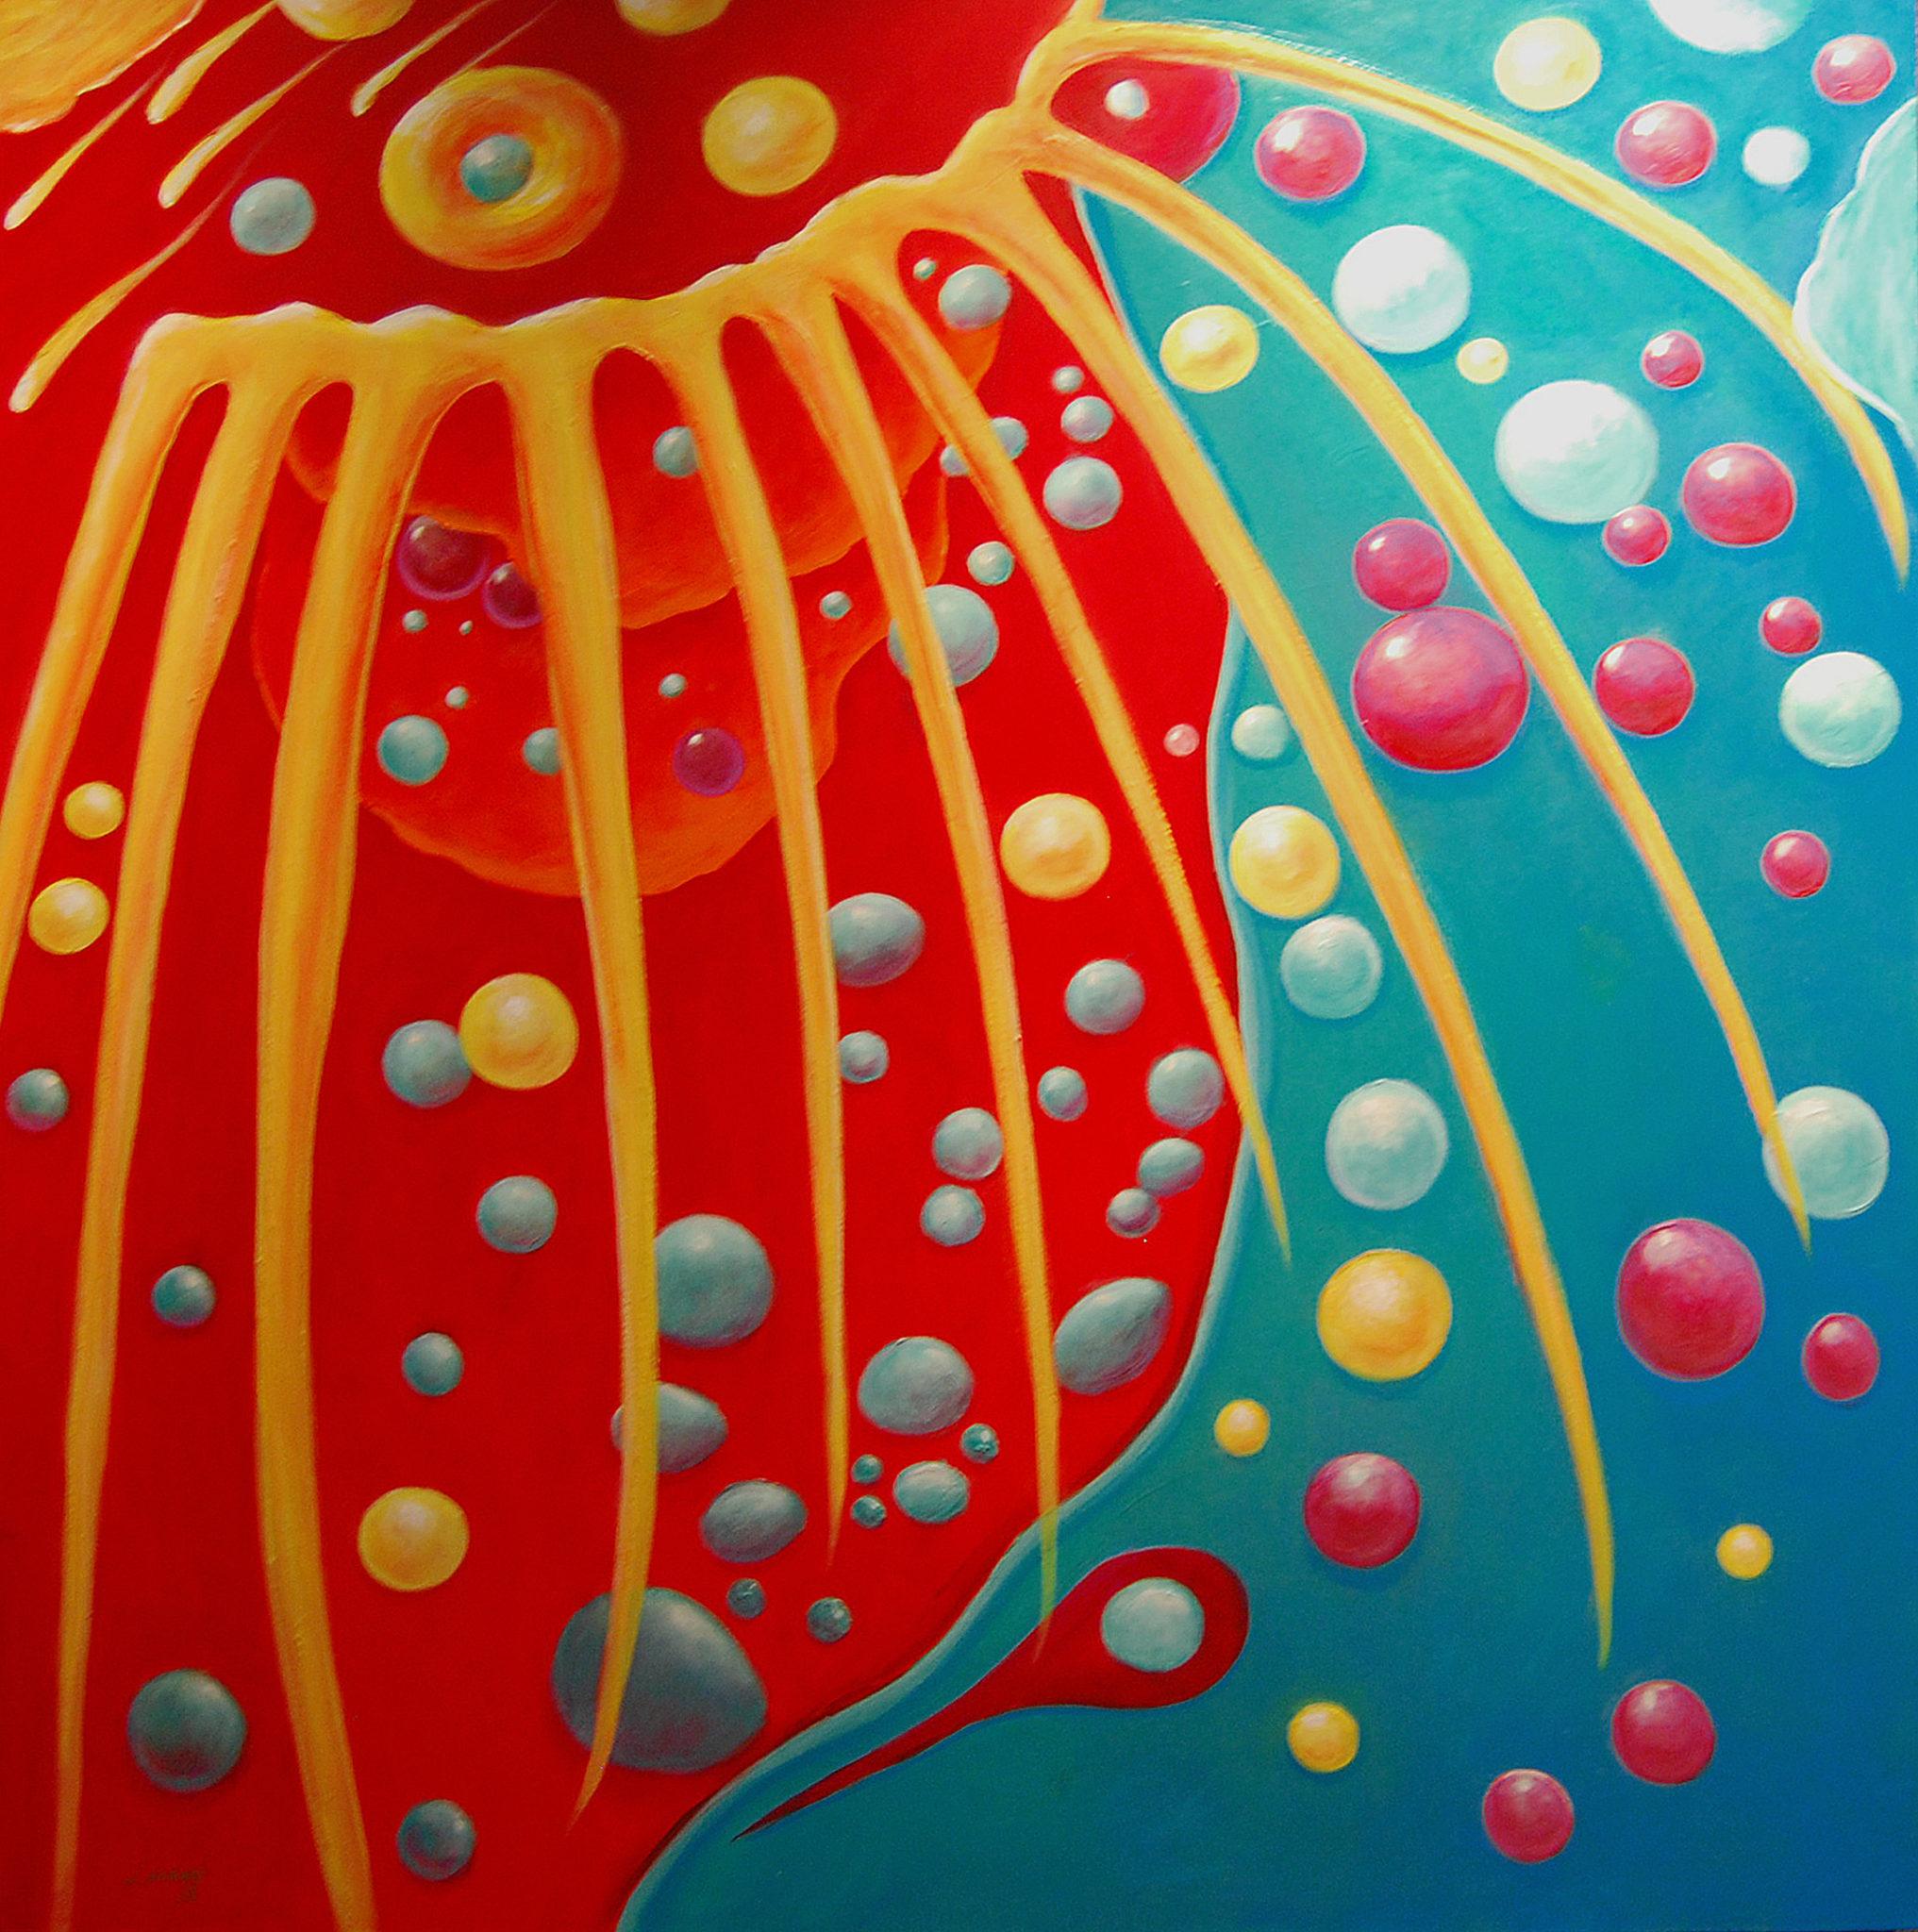 Steven Lavaggi's Cellular Carnival